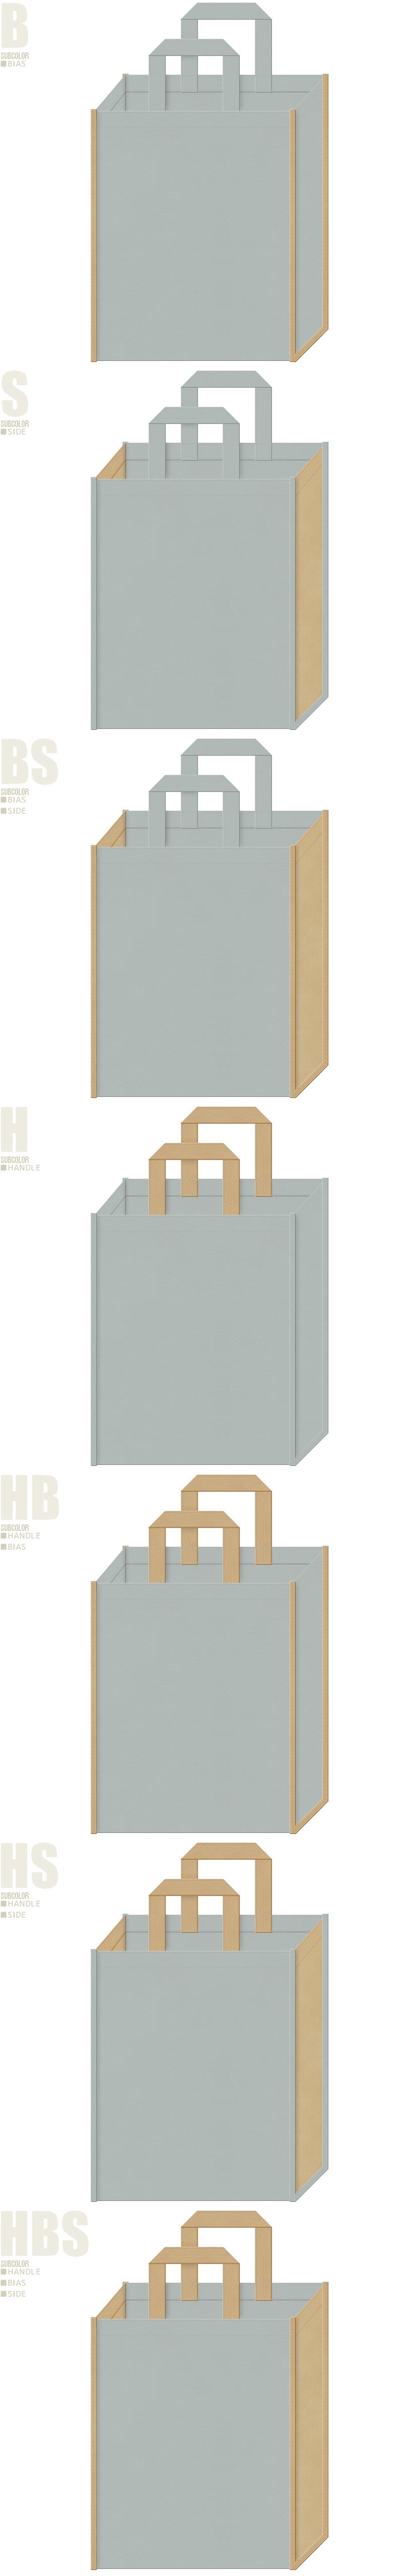 グレー色とカーキ色-7パターンの不織布トートバッグ配色デザイン例